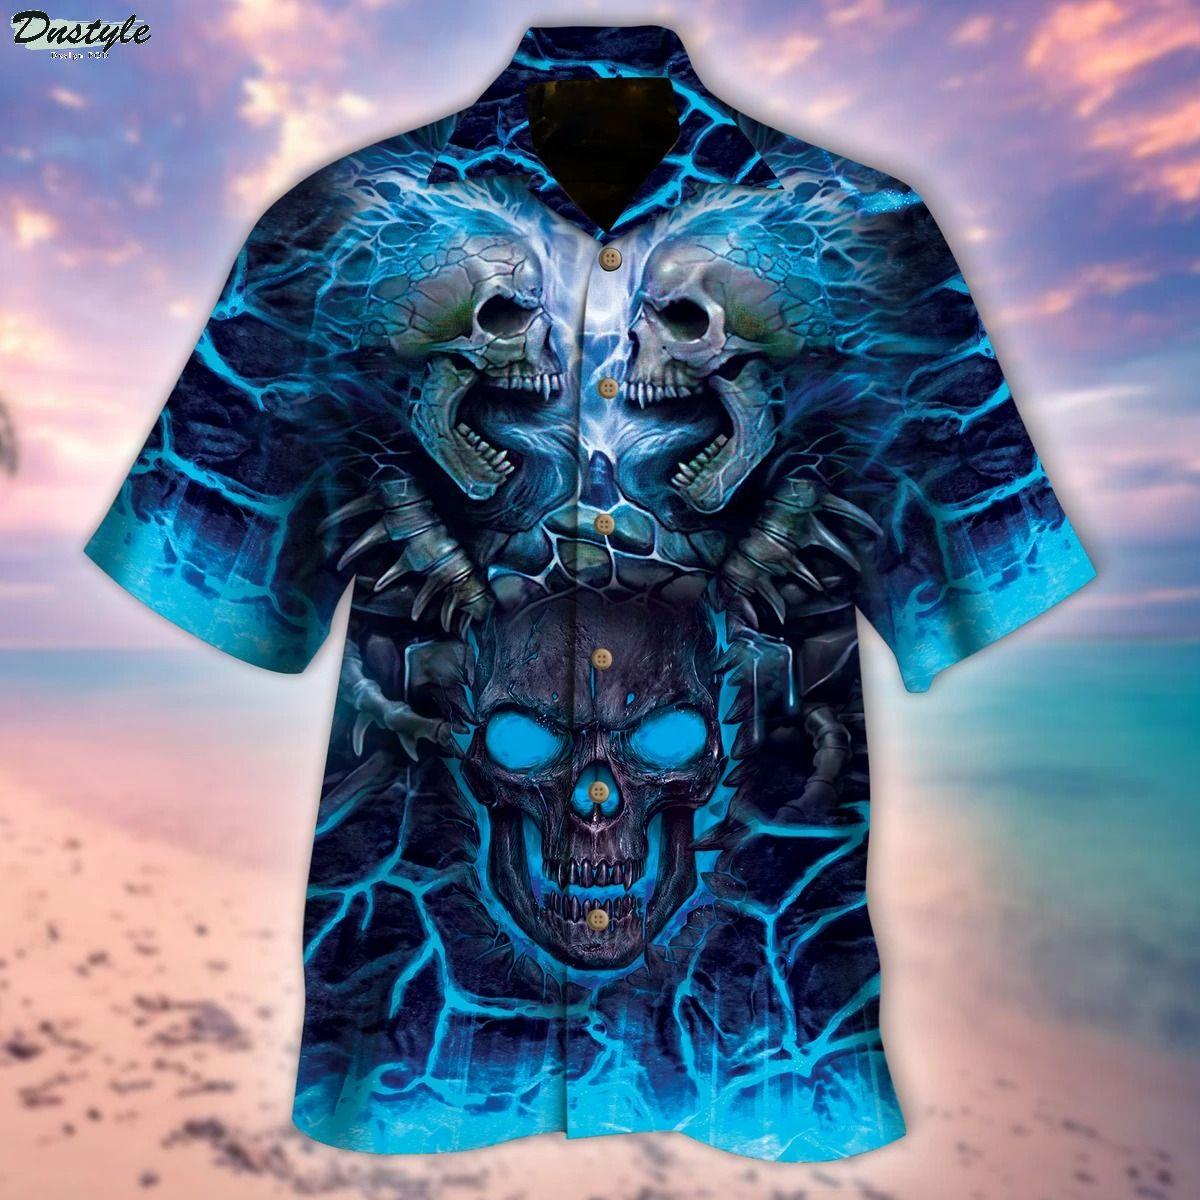 The Death Skull Hawaiian Shirt